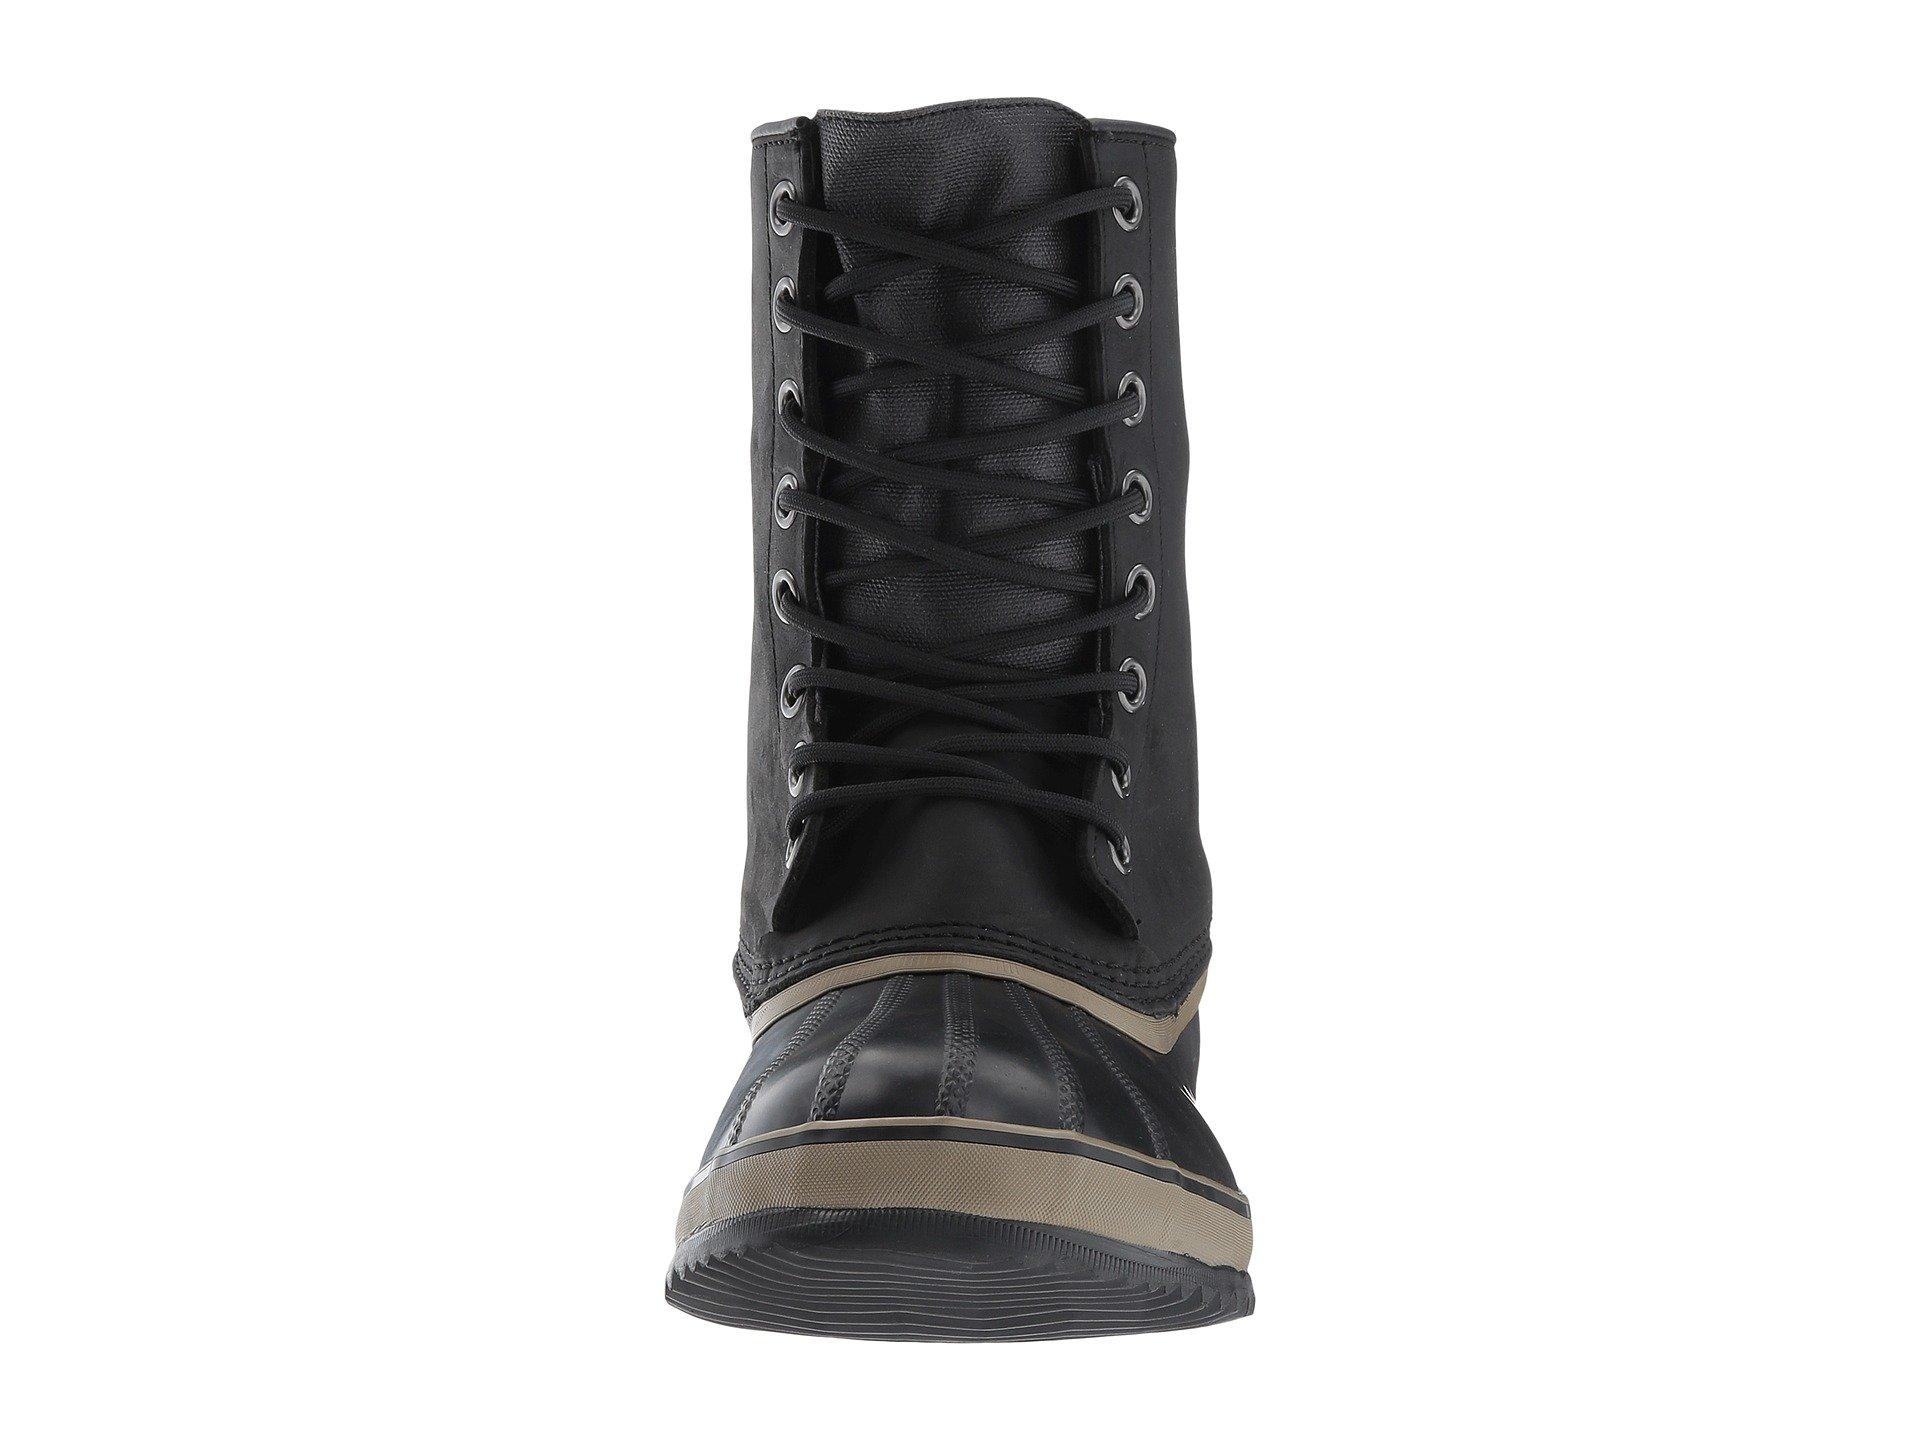 Sorel Premium T Premium 1964 Premium Sorel Black Black 1964 Black Sorel T T 1964 wqUFt4x